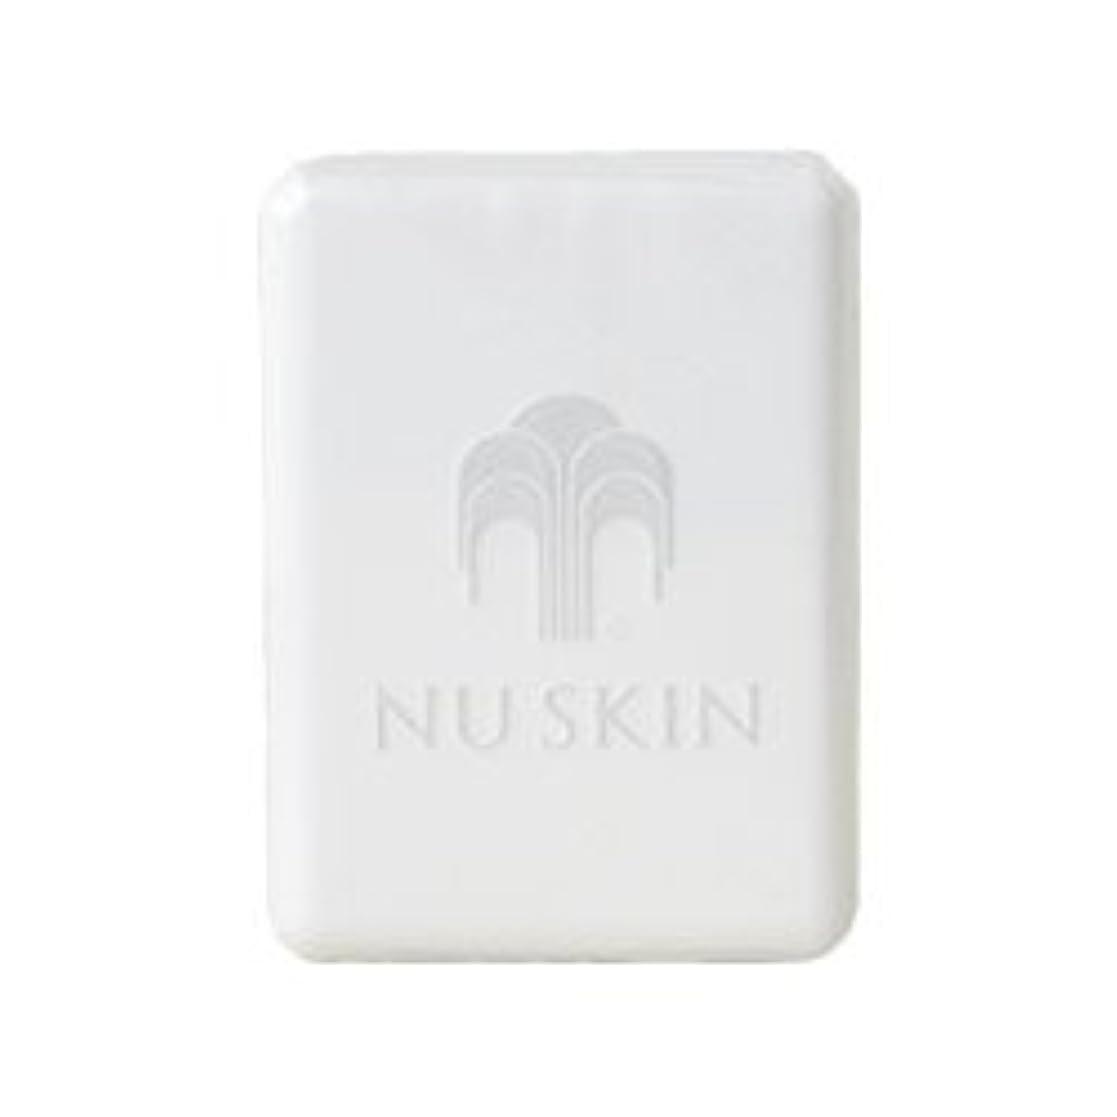 ダイヤルロンドン正規化ニュースキン NU SKIN ボディーバー 03110353